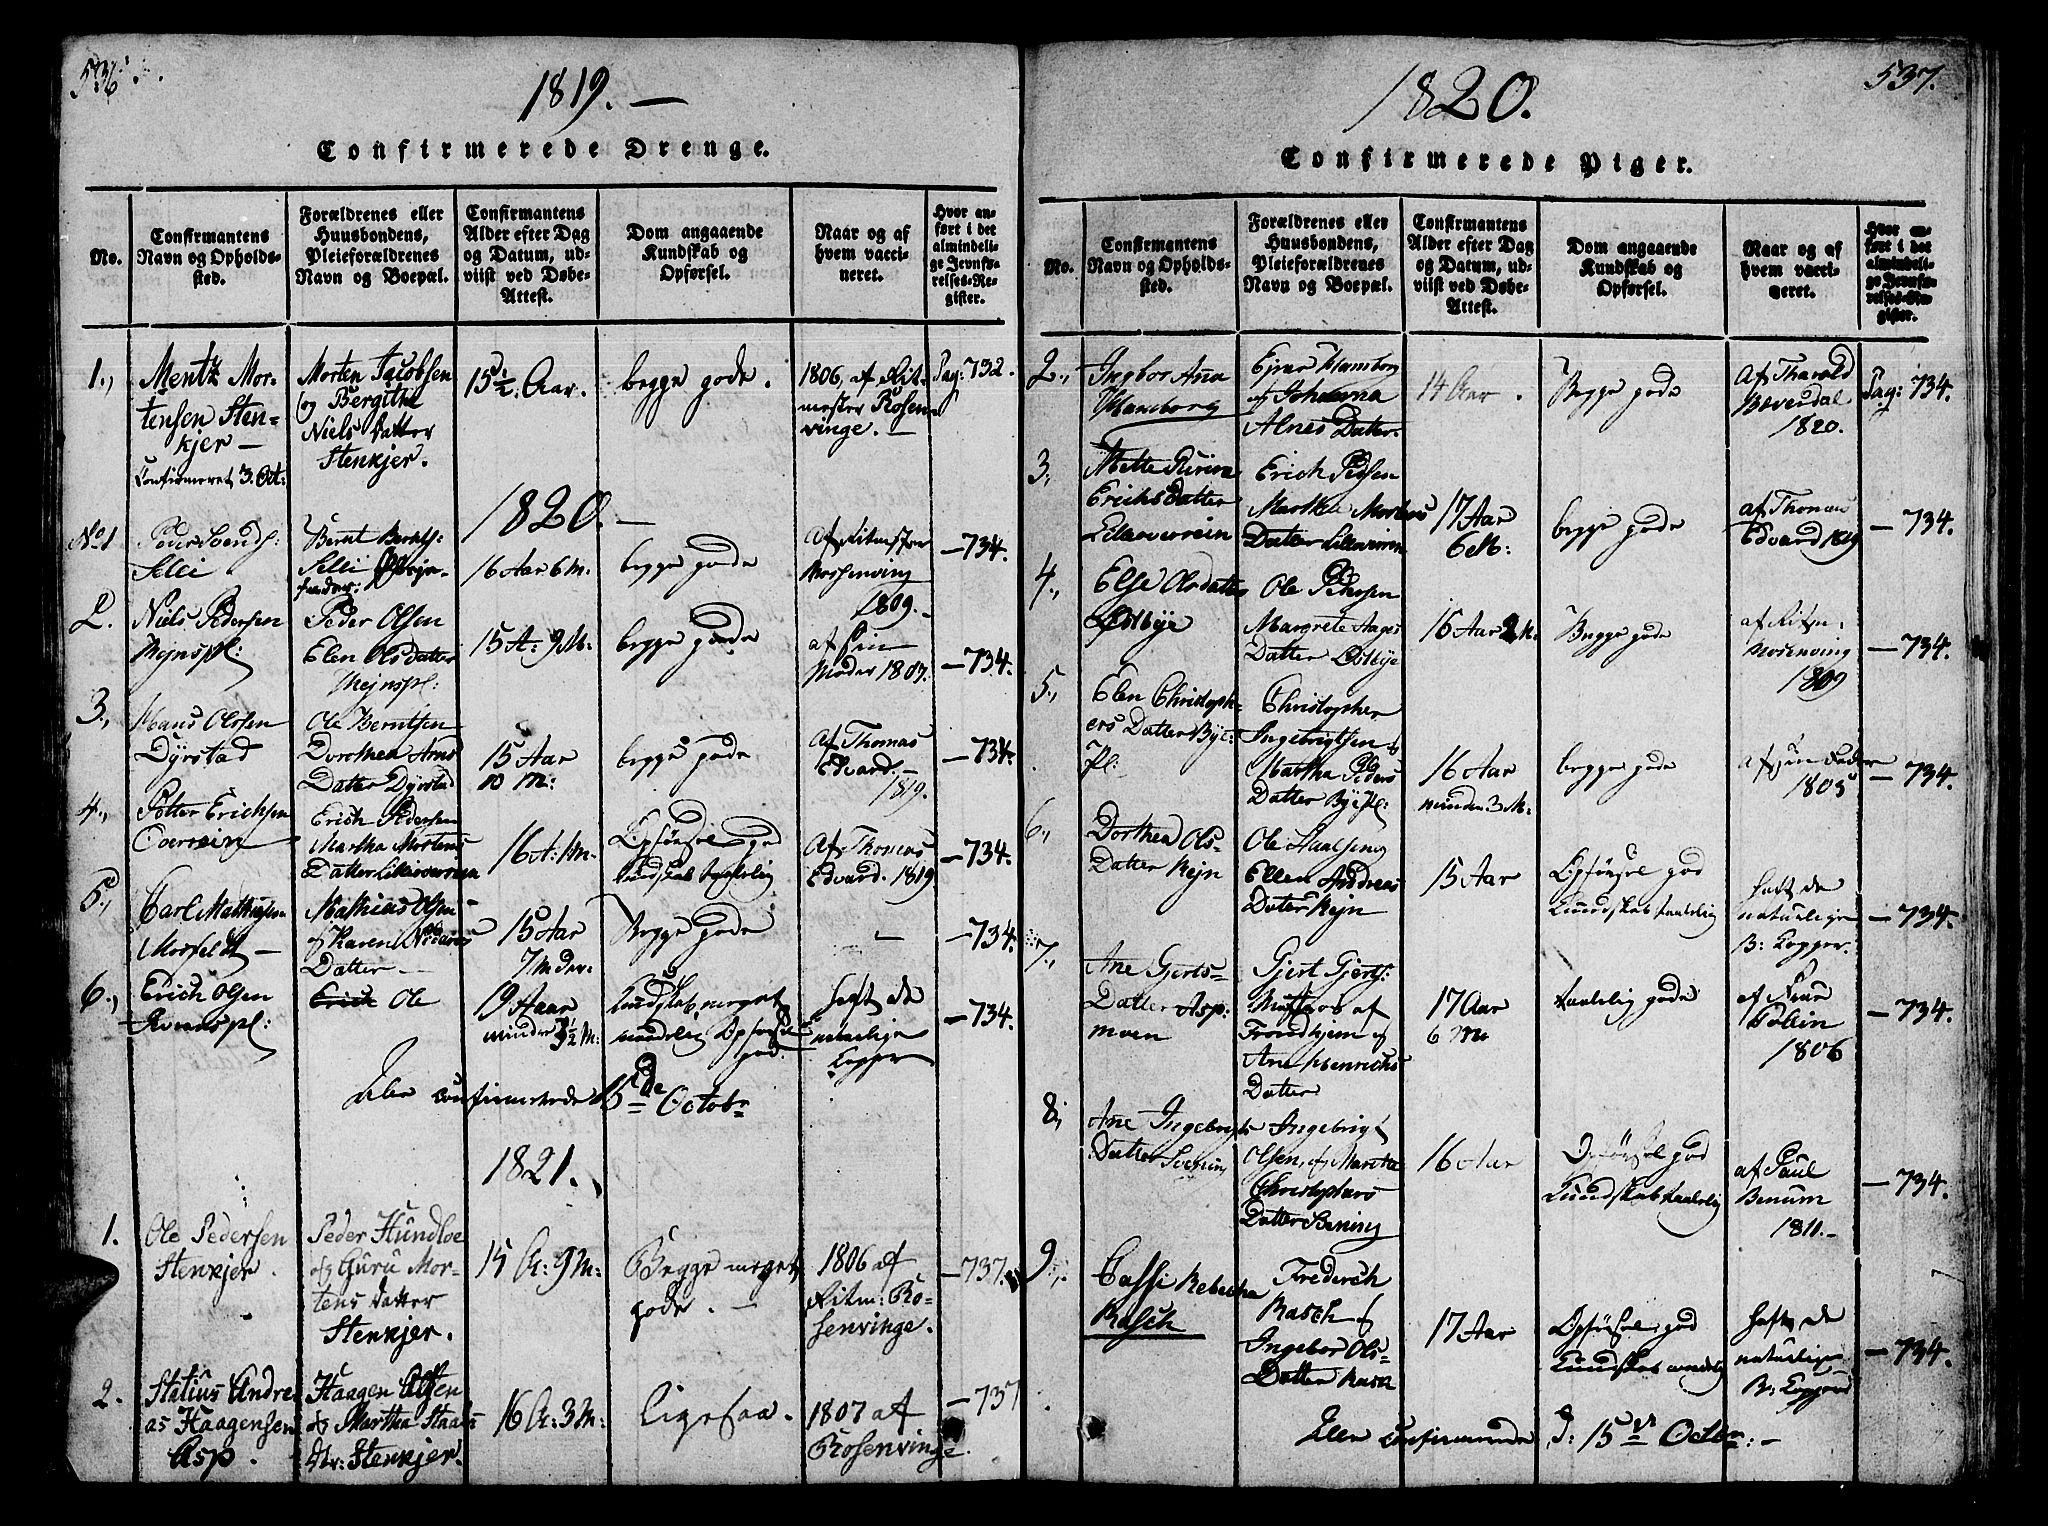 SAT, Ministerialprotokoller, klokkerbøker og fødselsregistre - Nord-Trøndelag, 746/L0441: Ministerialbok nr. 736A03 /3, 1816-1827, s. 536-537